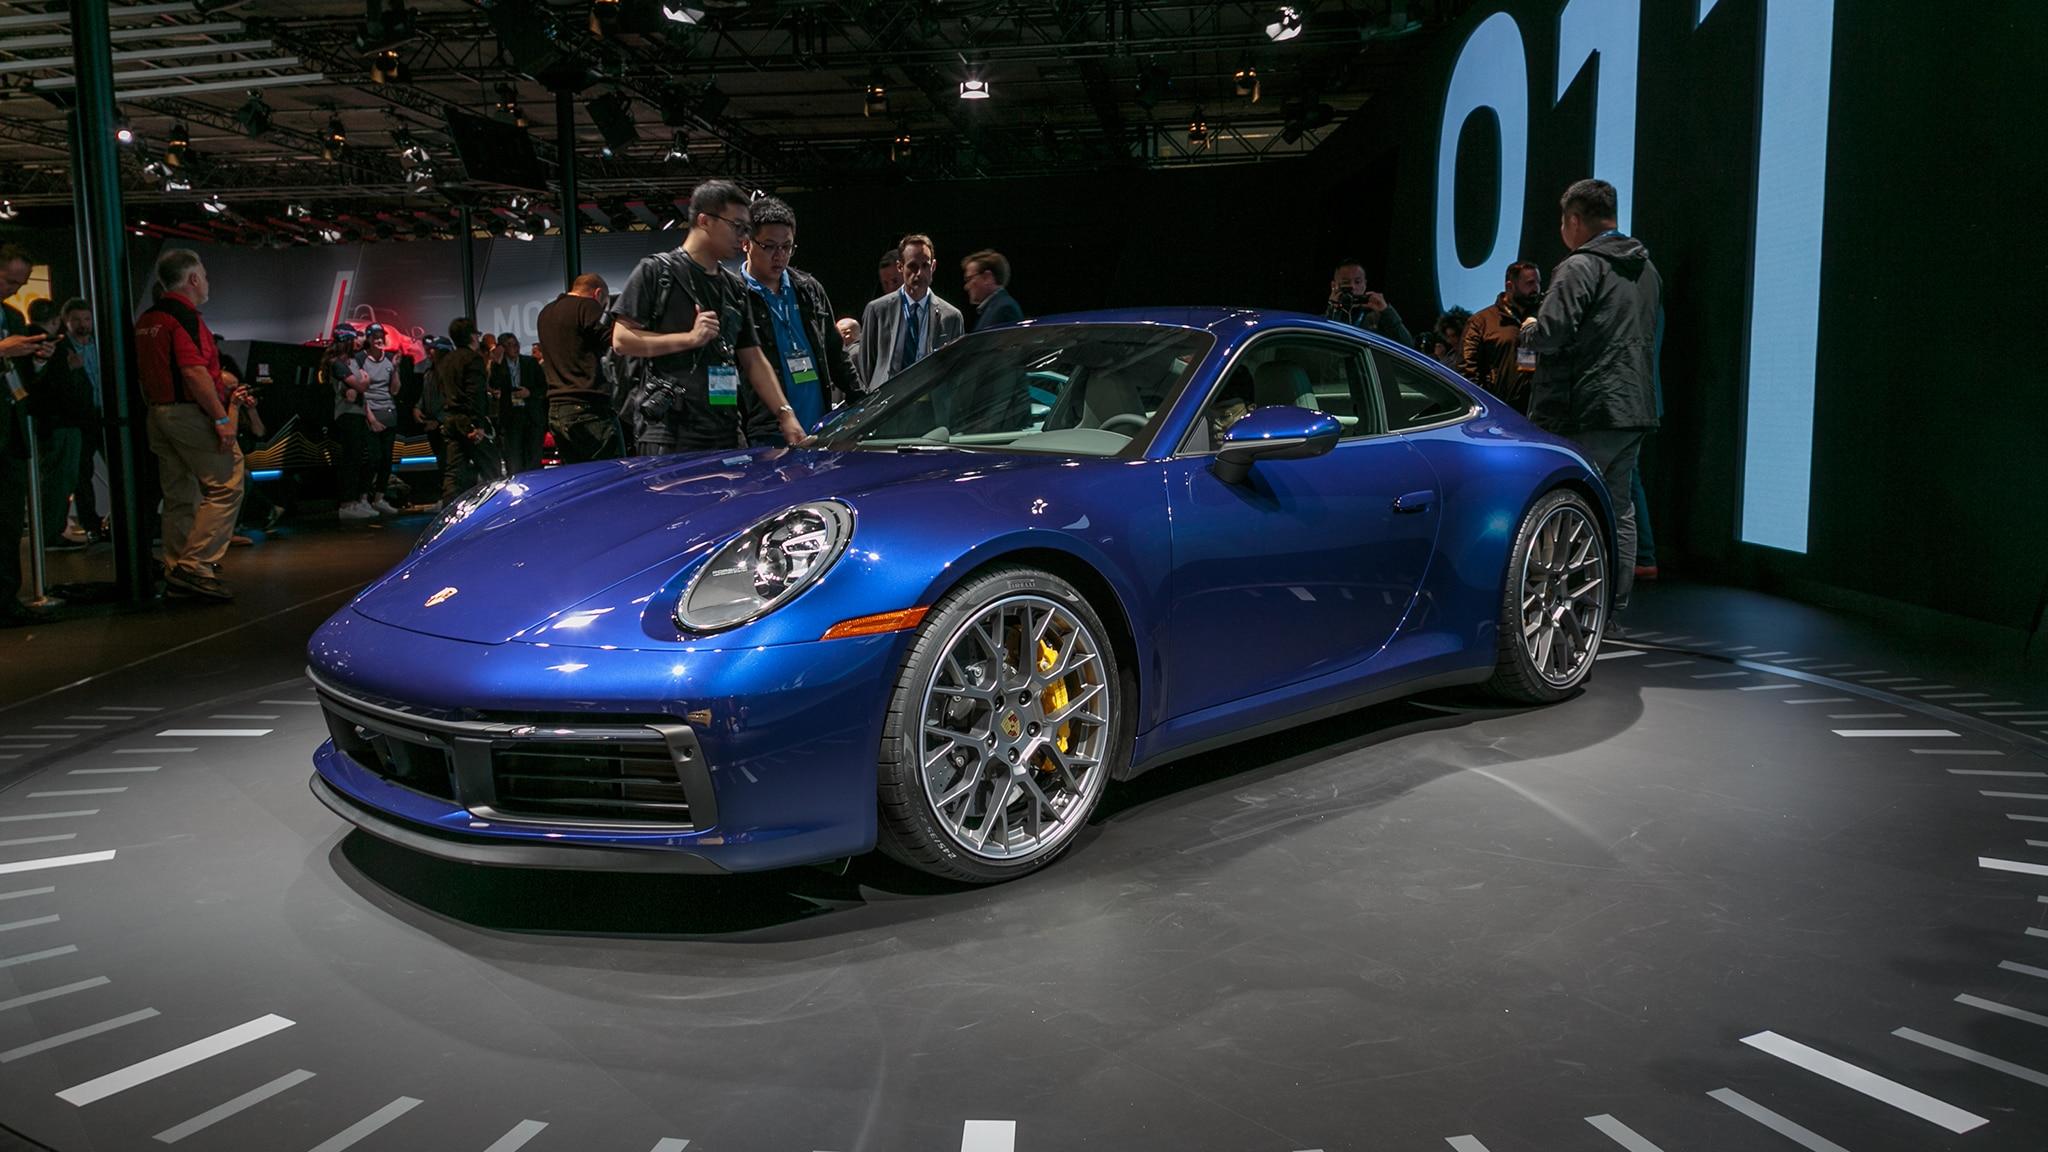 2020 Porsche 911 Carrera S How I D Spec It Automobile